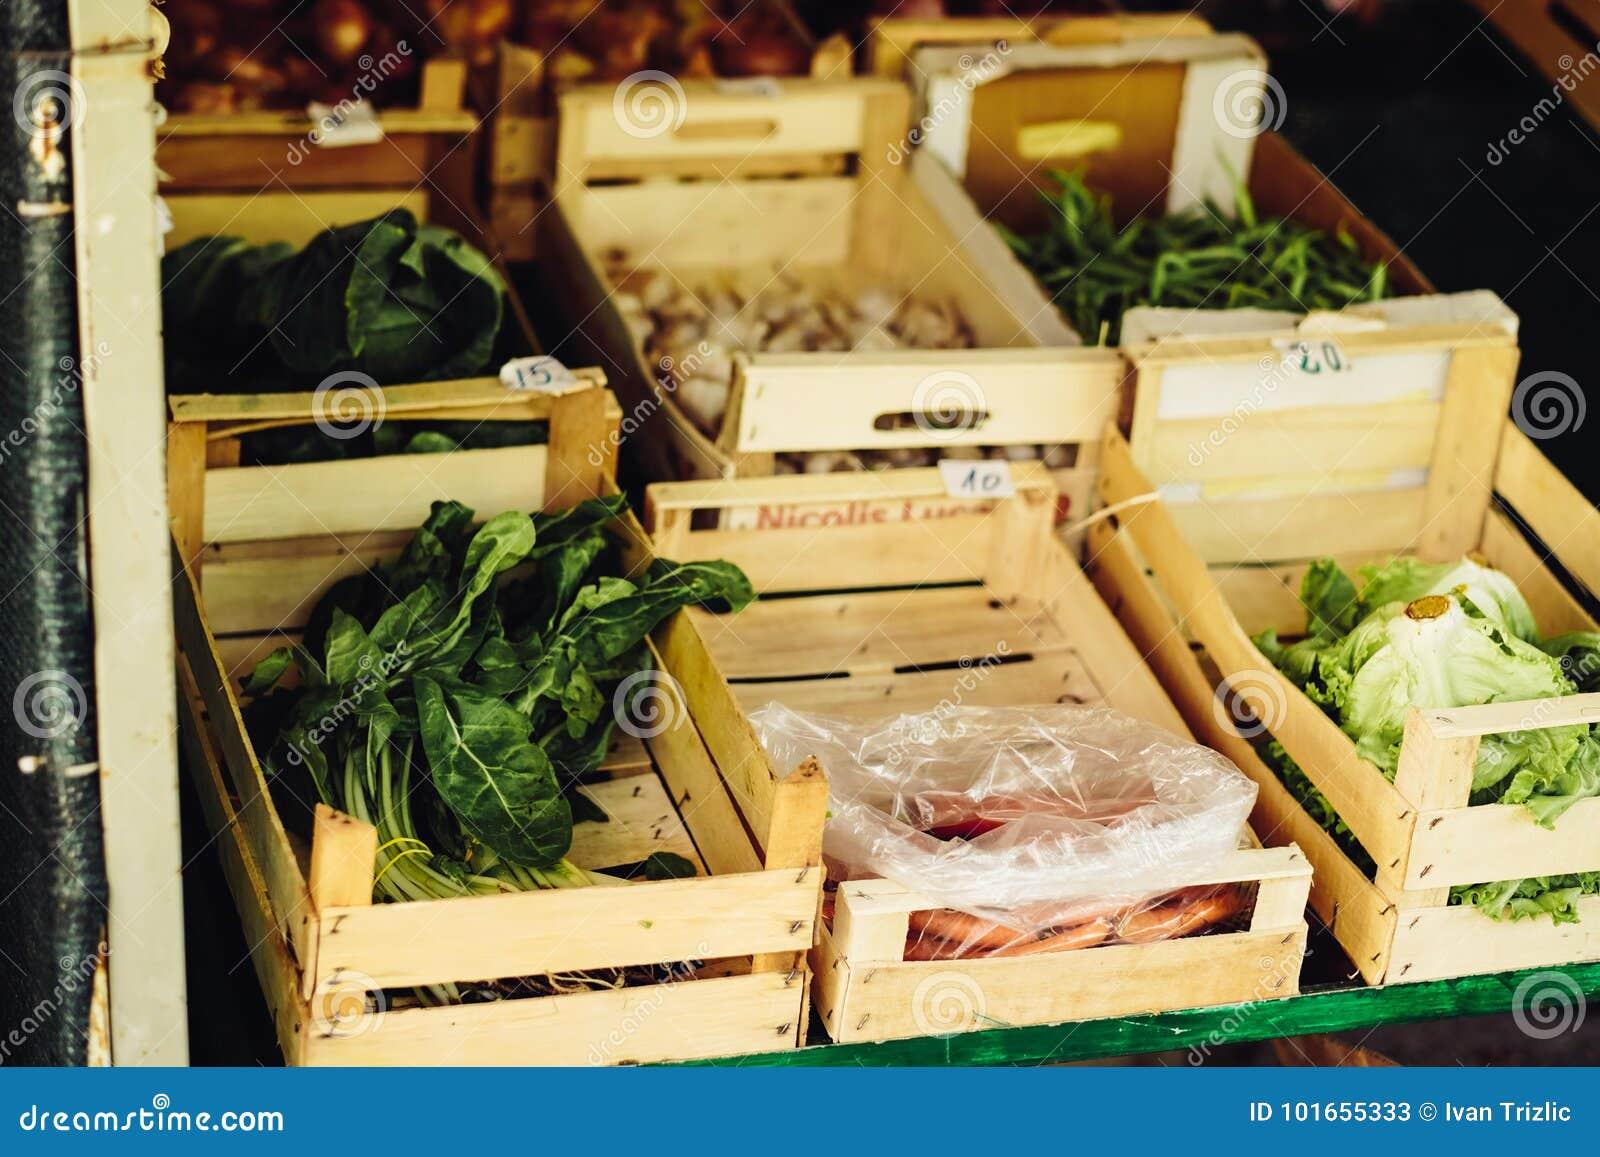 在农厂市场上的新鲜蔬菜 在农厂市场上的自然地方产品 收获 季节性产品 食物 菜